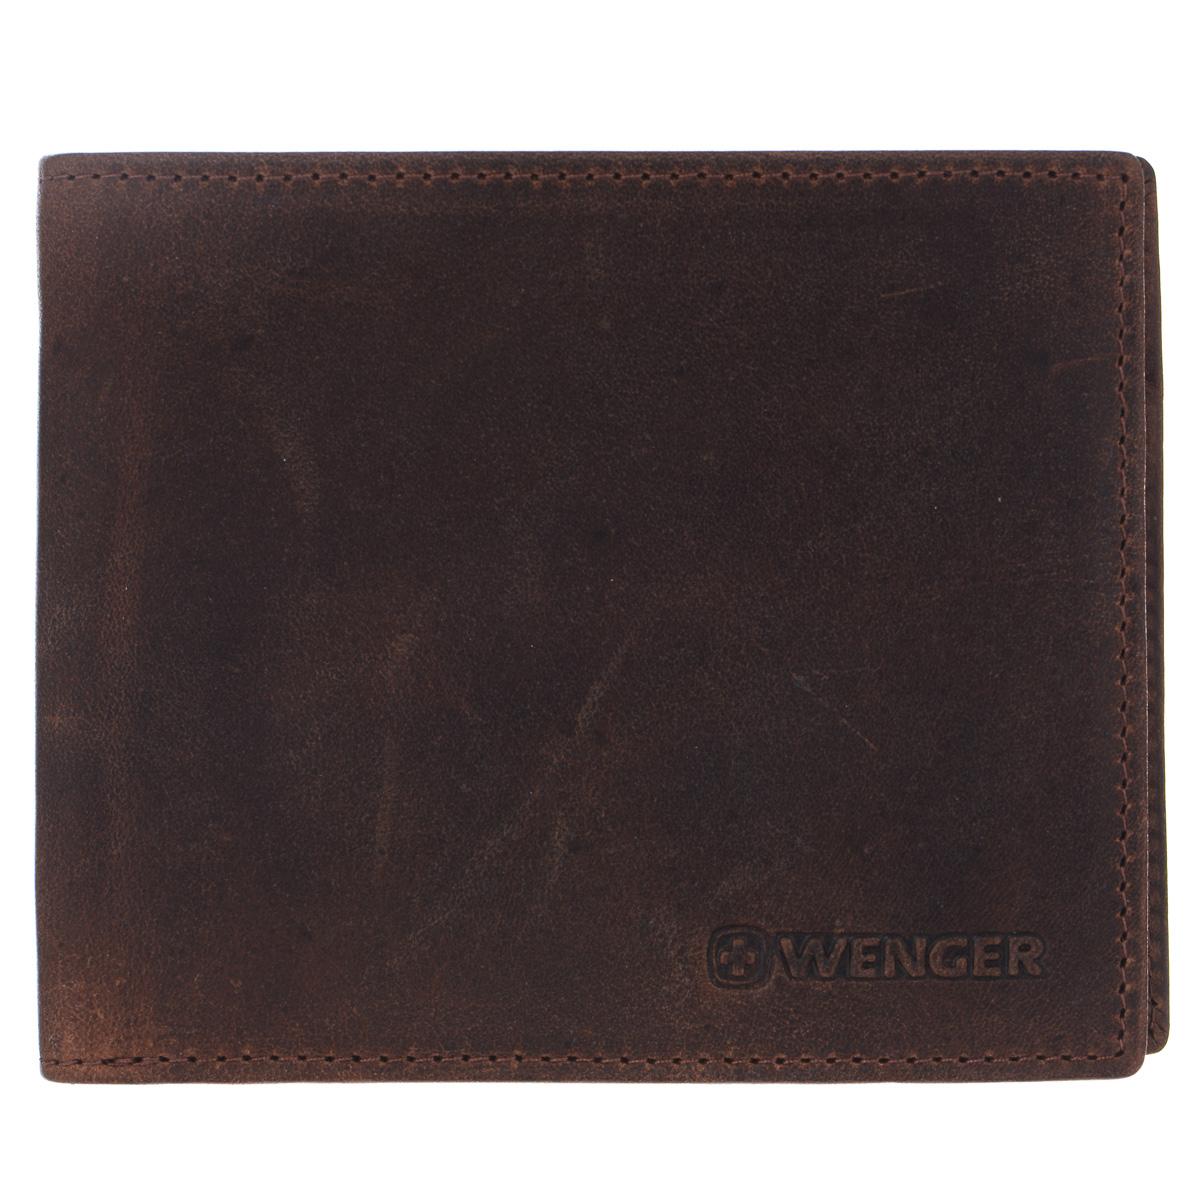 Портмоне мужское Wenger, цвет: коричневый. W7-05W16-11135_914Изысканное мужское портмоне Wenger изготовлено из натуральной кожи и оформлено тиснениями в виде названия и логотипа бренда на лицевой стороне. Внутри - два отделения для купюр, отсек для мелочи на замке-кнопке, пять боковых карманов и три прорези для визиток и банковских карт.Изделие упаковано в фирменную коробку.Модное портмоне Wenger займет достойное место среди вашей коллекции аксессуаров.По всем вопросам гарантийного и постгарантийного обслуживания рюкзаков, чемоданов, спортивных и кожаных сумок, а также портмоне марок Wenger и SwissGear вы можете обратиться в сервис-центр, расположенный по адресу: г. Москва, Саввинская набережная, д.3. Тел: (495) 788-39-96, (499) 248-56-56, ежедневно с 9:00 до 21:00. Подробные условия гарантийного обслуживания приведены в гарантийном талоне, поставляемым в комплекте с каждым изделием. Бесплатный ремонт изделий производится при условии предоставления гарантийного талона и товарного/кассового чека, подтверждающего дату покупки.